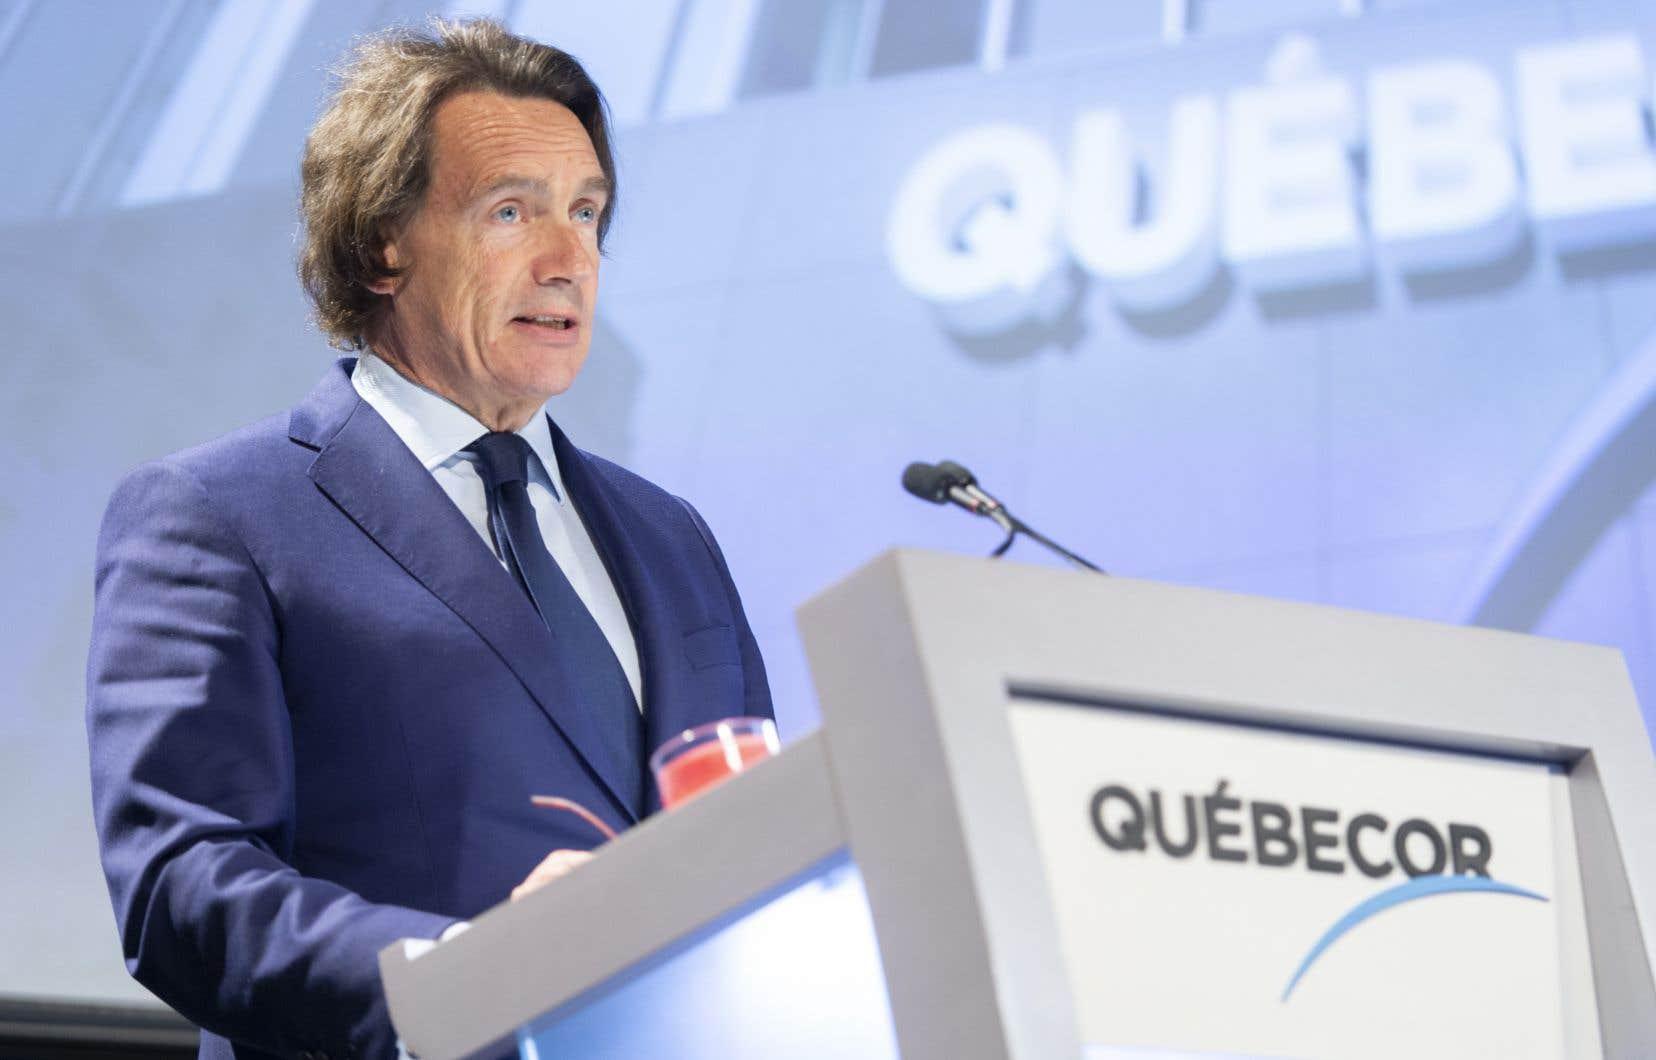 En réunissant les rôles de p.-d.g. de Québecor et de Vidéotron, Pierre Karl Péladeau aura plus de latitude pour acquérir Freedom Mobile, mais aussi pour acheter des spectres de fréquence supplémentaires qui seront mis aux enchères par le fédéral à partir du 15juin prochain.